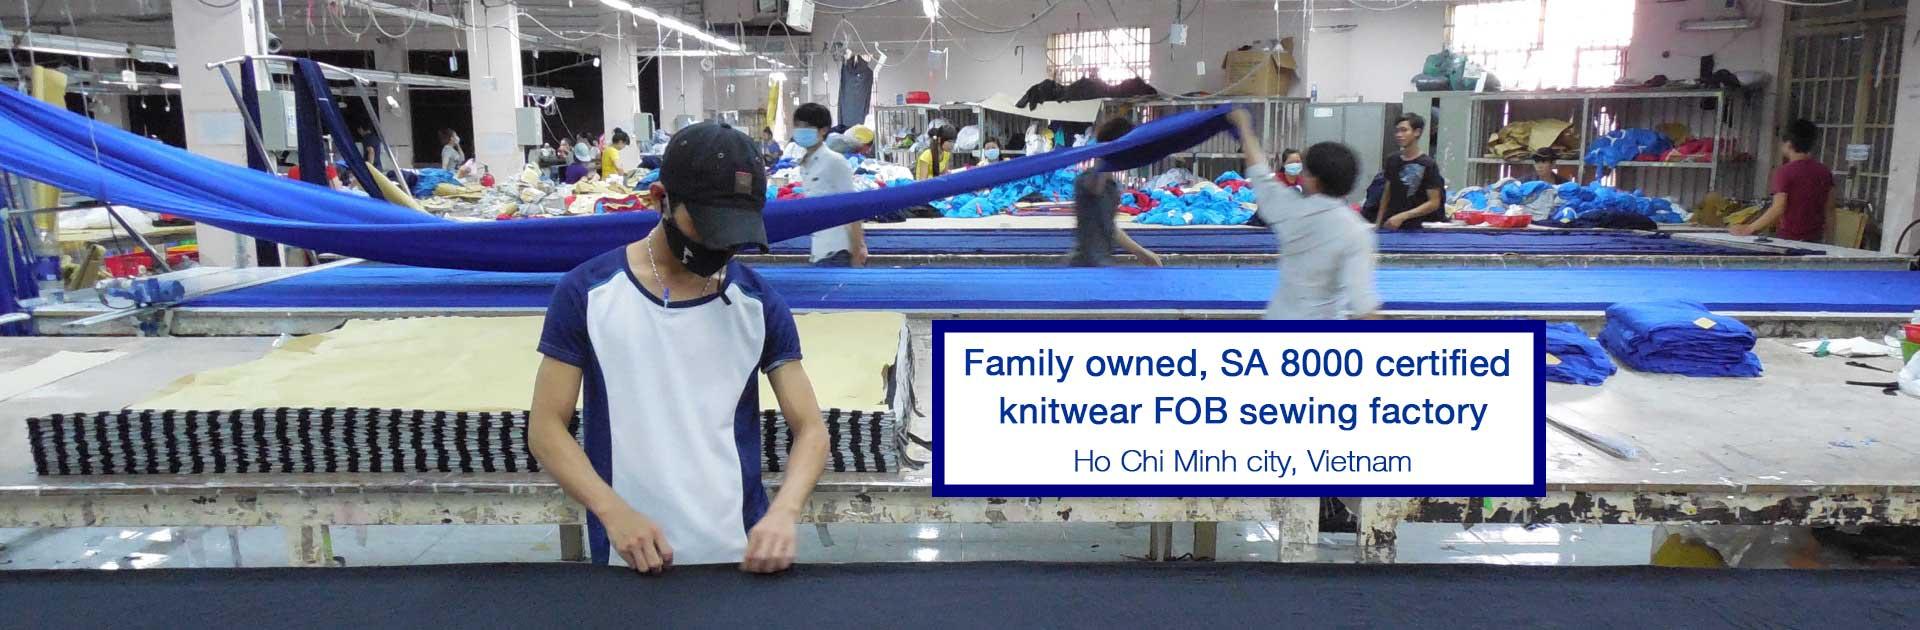 Tiêu chuẩn WRAP: Trách nhiệm toàn cầu về sản xuất may mặc